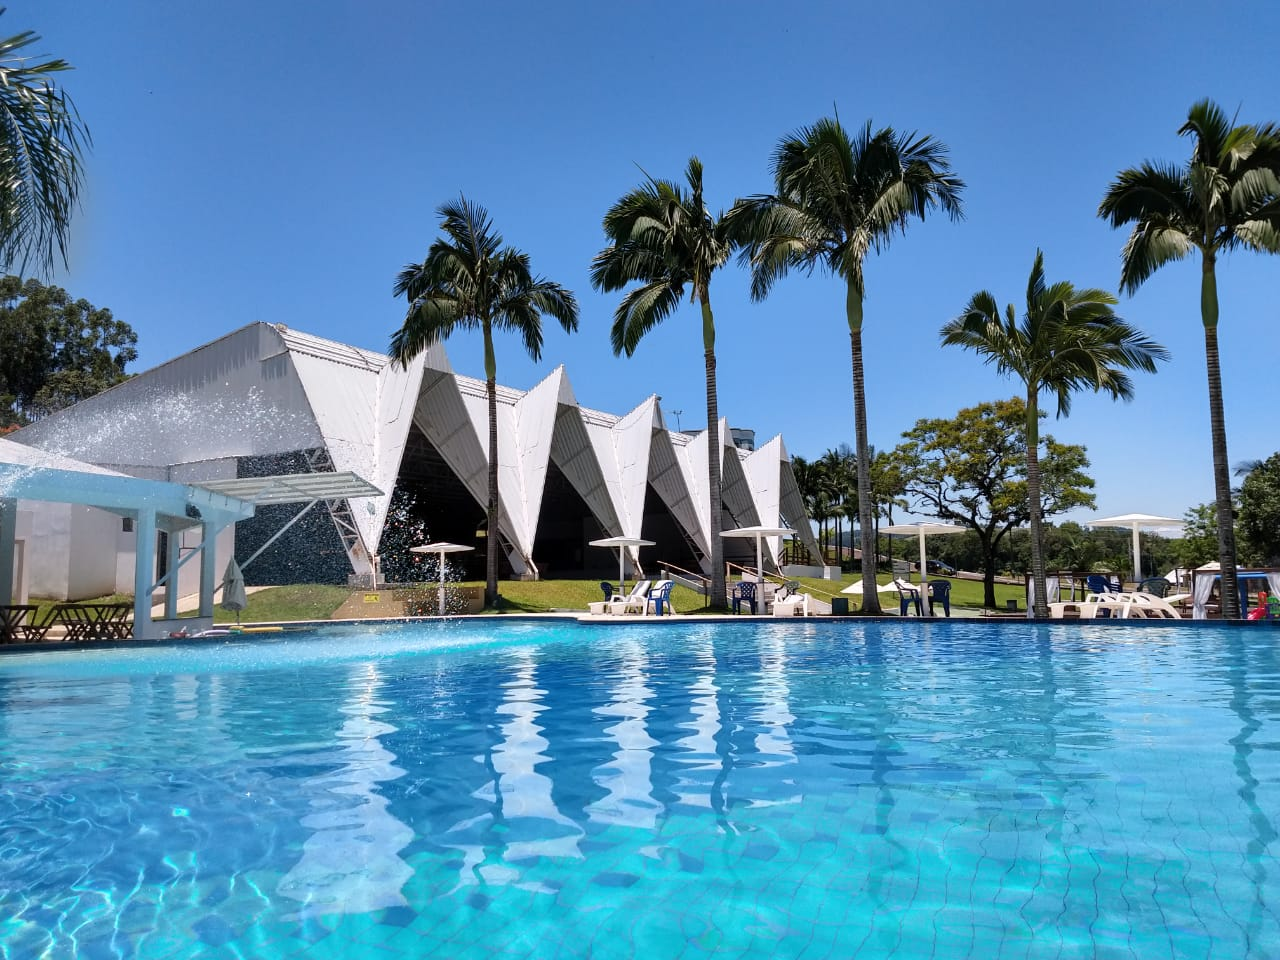 O turismo termal da região Oeste de Santa Catarina, estará representado na 31ª edição do Festival Internacional de Turismo - FESTURIS